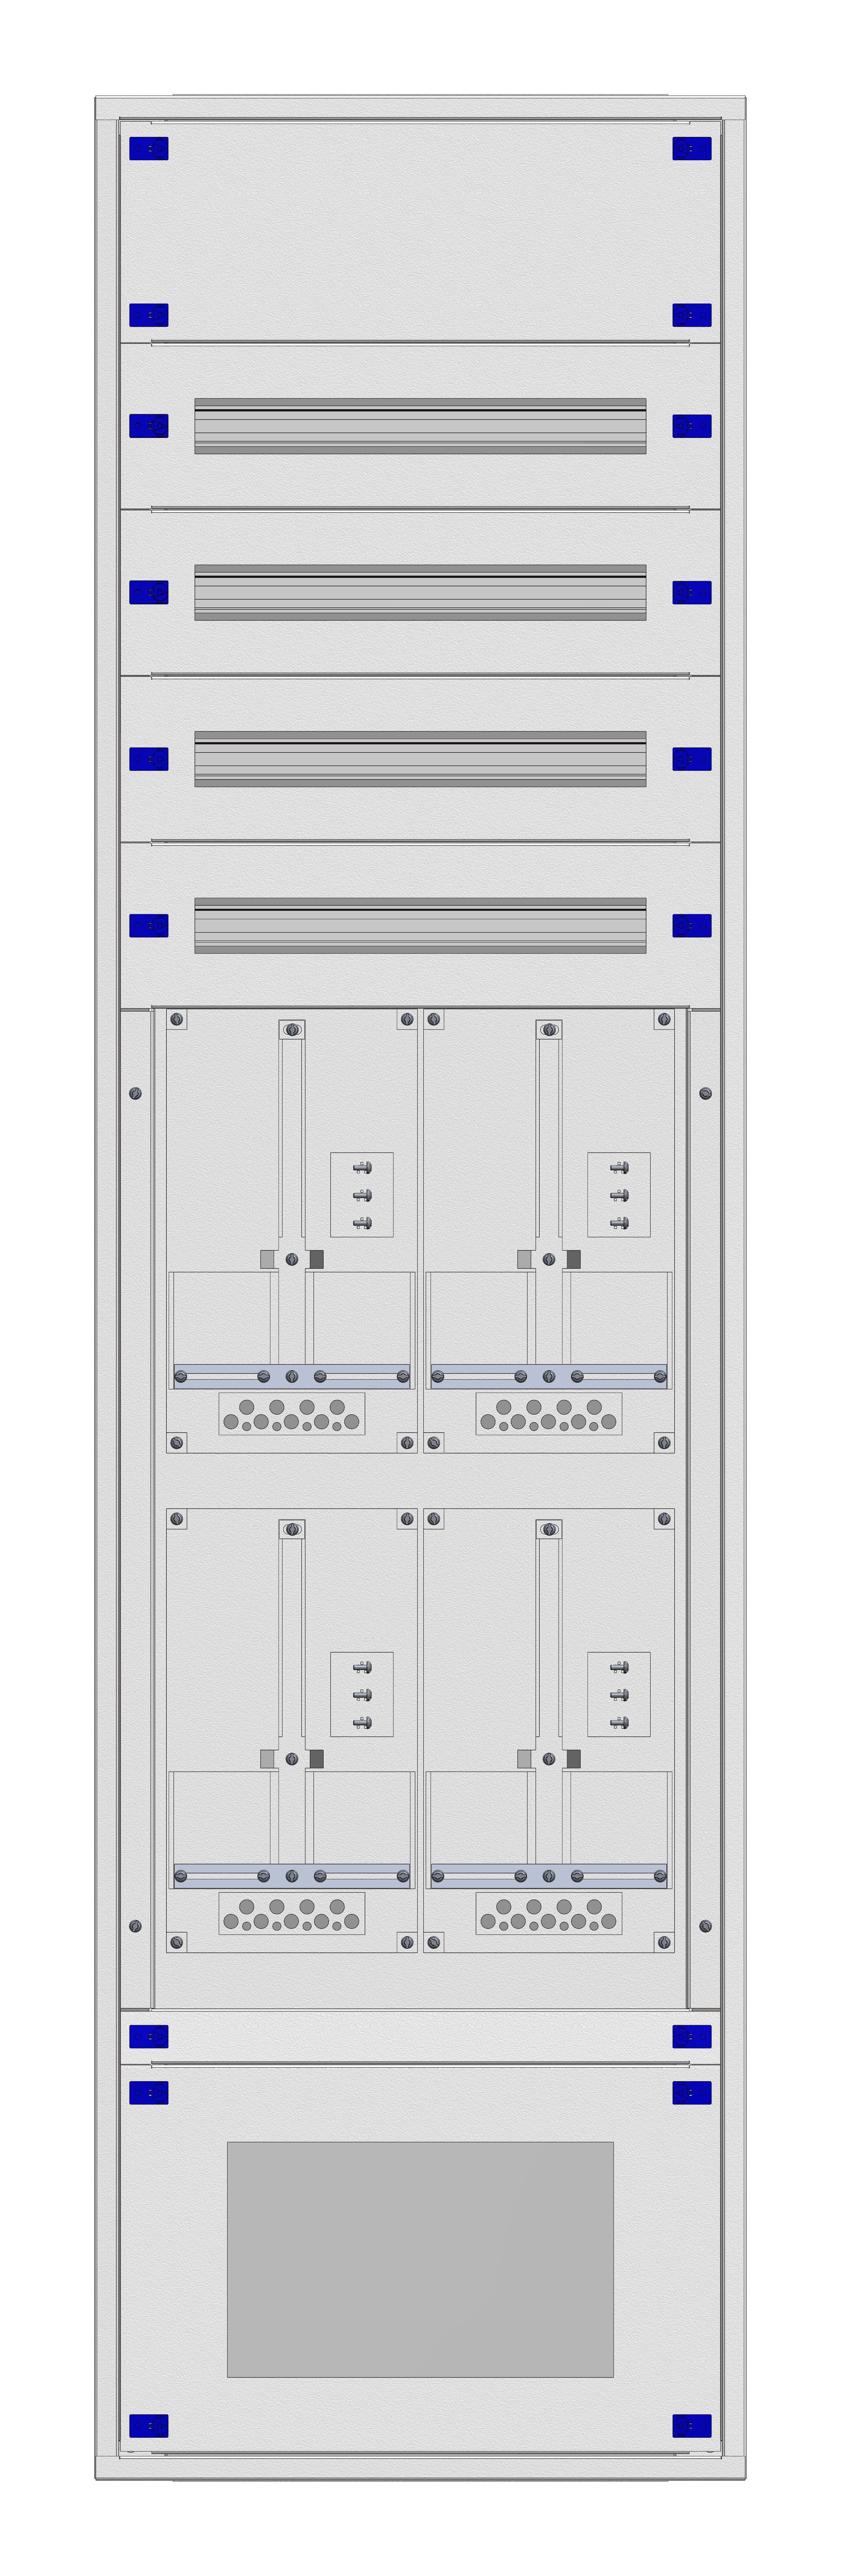 1 Stk Aufputz-Zählerverteiler 2A-42G/VBG 4ZP, H2025B590T250mm IL162242VS